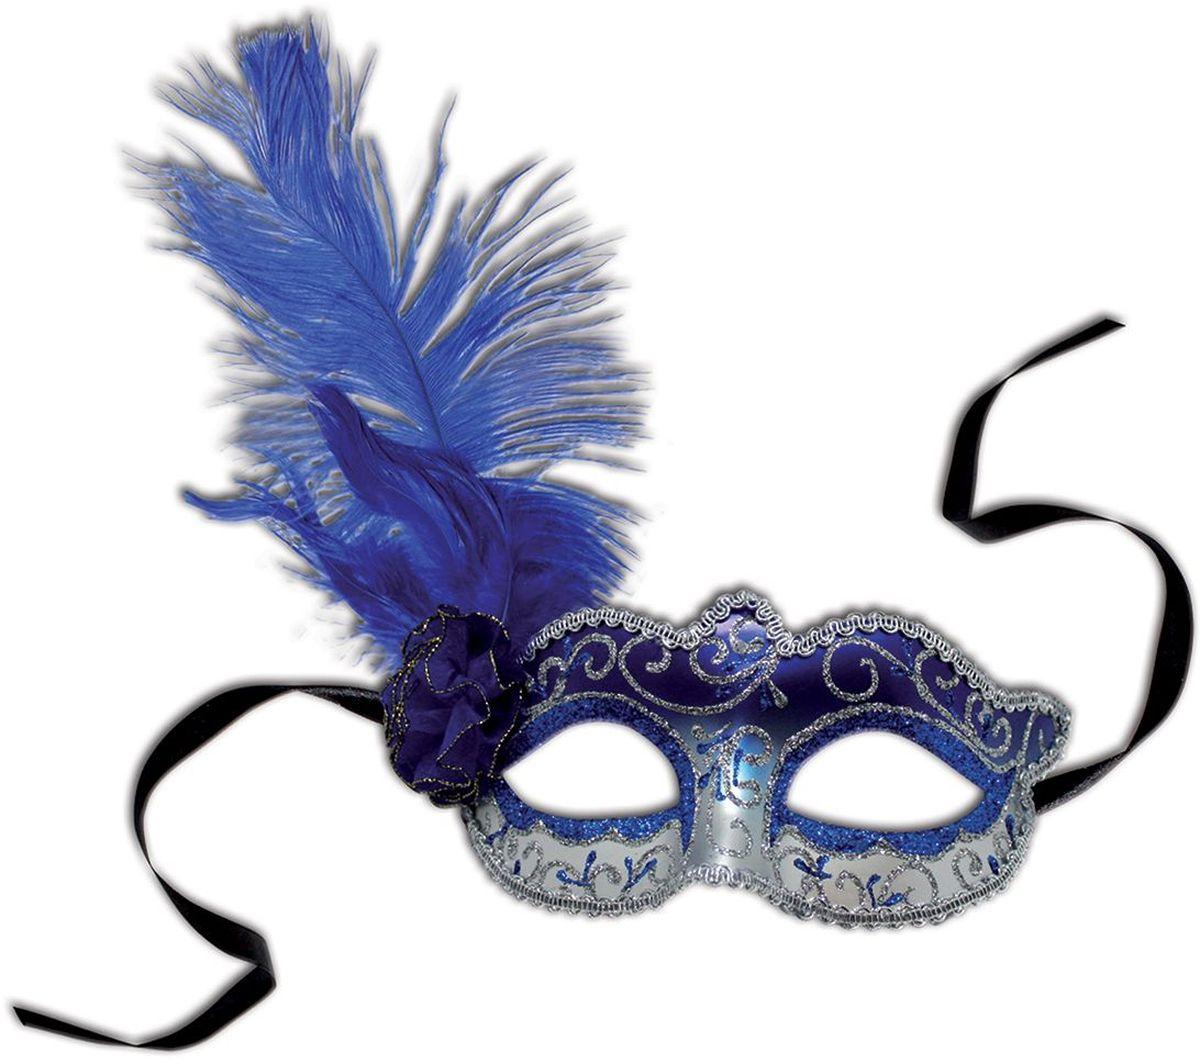 Partymania Венецианская маска Карнавал T1217 цвет сине-серебряная